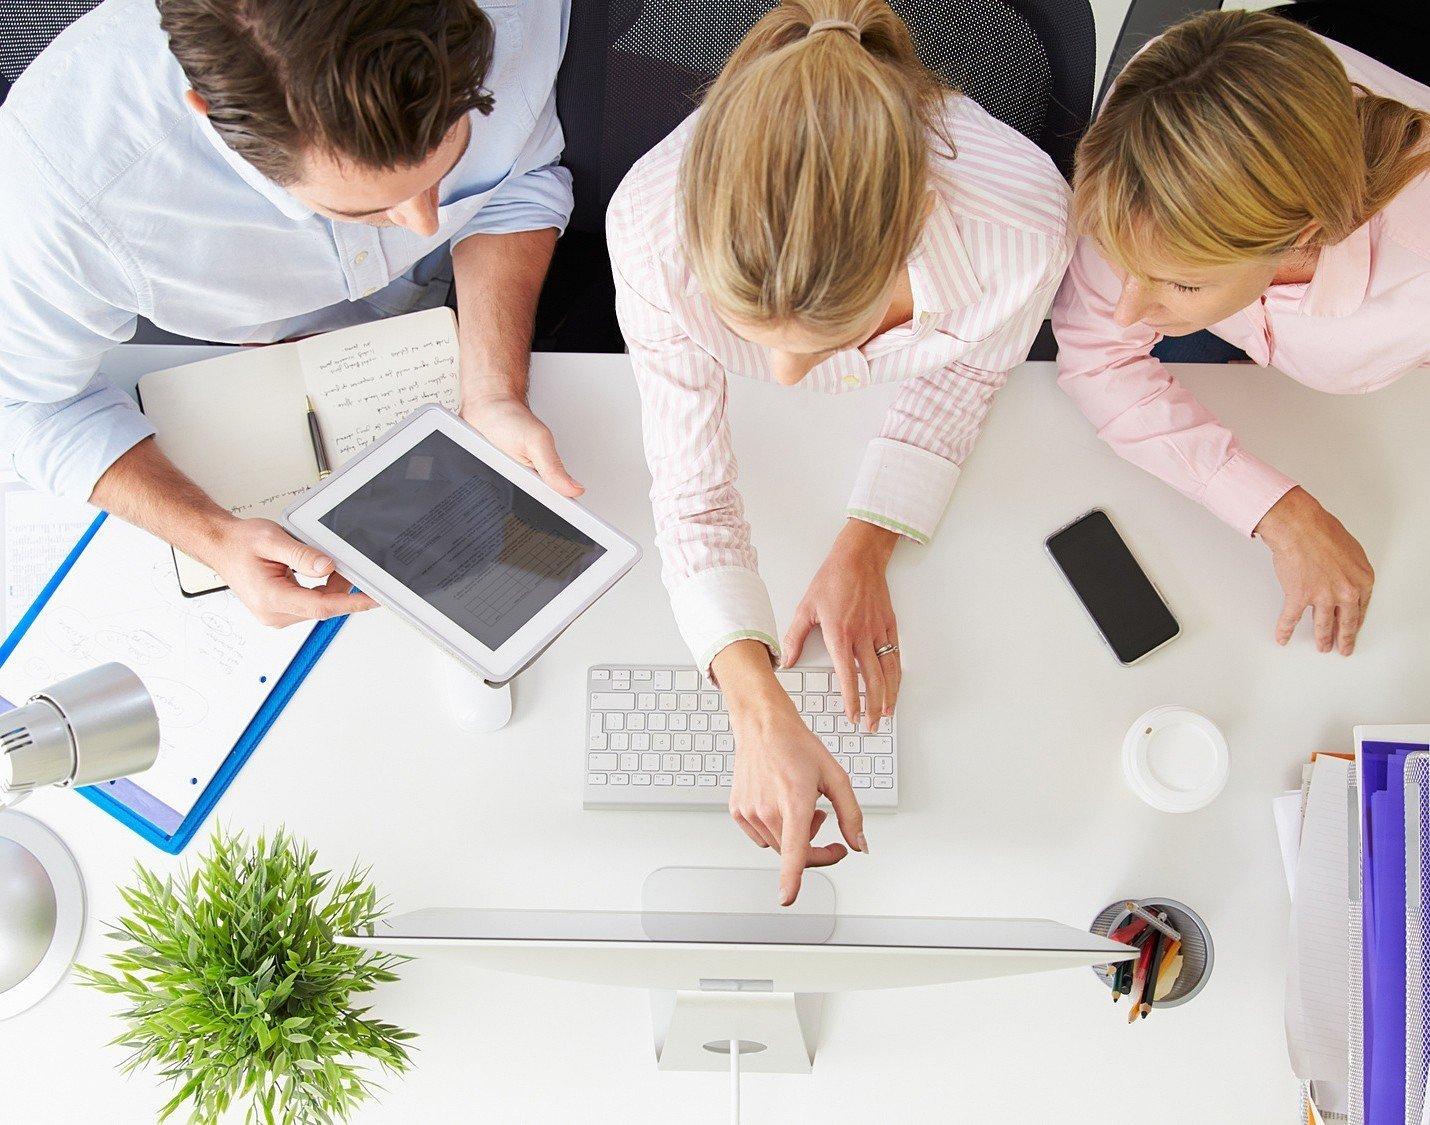 realizzazione siti web responsive realizzazione siti web Realizzazione siti web Contatti realizzazione siti web